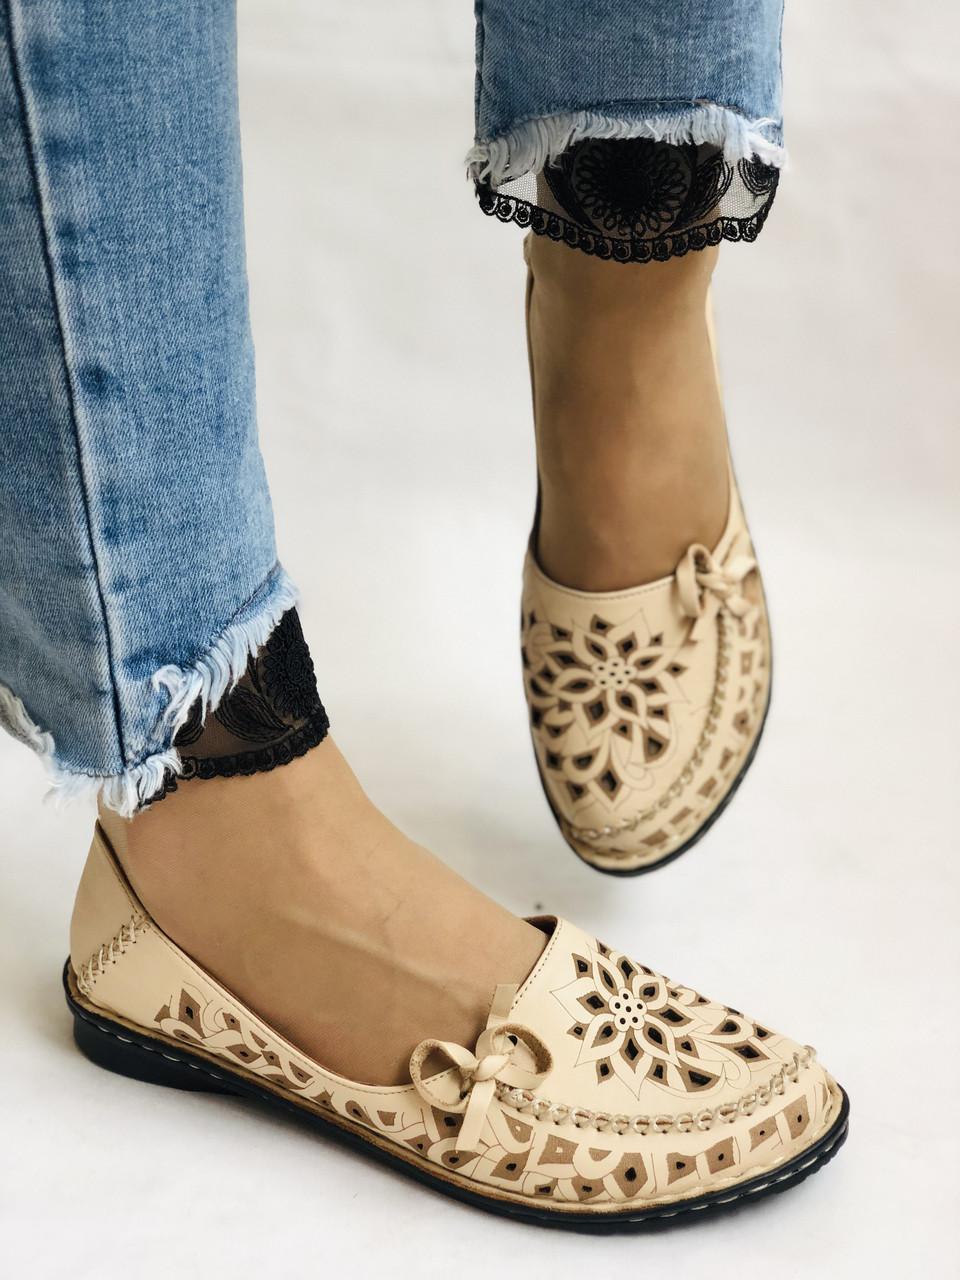 PSC. Удобные! Женские туфли -балетки из натуральной кожи.Турция. Размер 39 Супер комфорт.Vellena